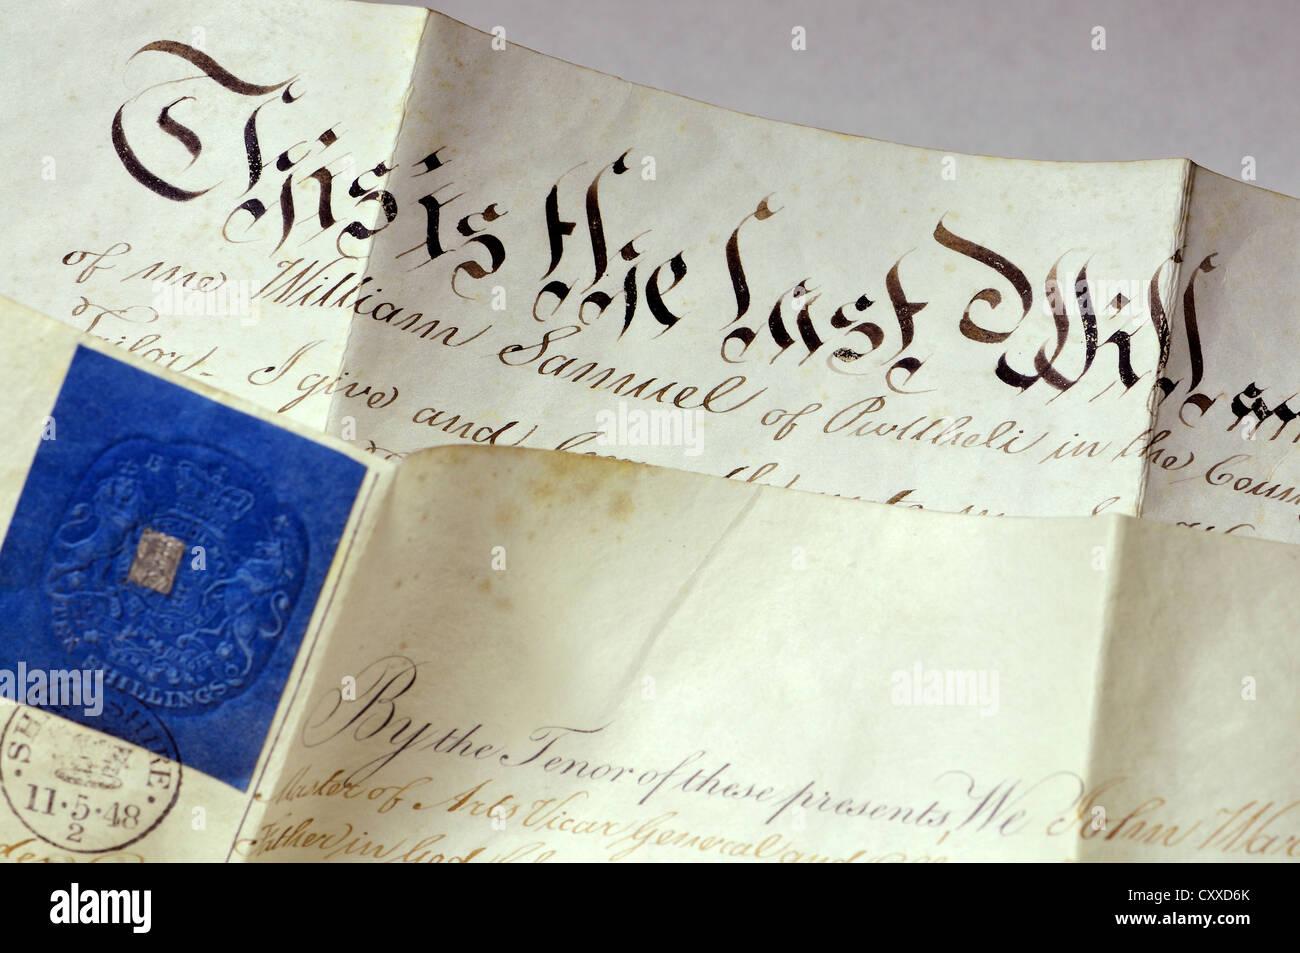 Probate documento scritto su pergamena. 17 maggio 1848; ultima volontà e il testamento di William Samuel Immagini Stock